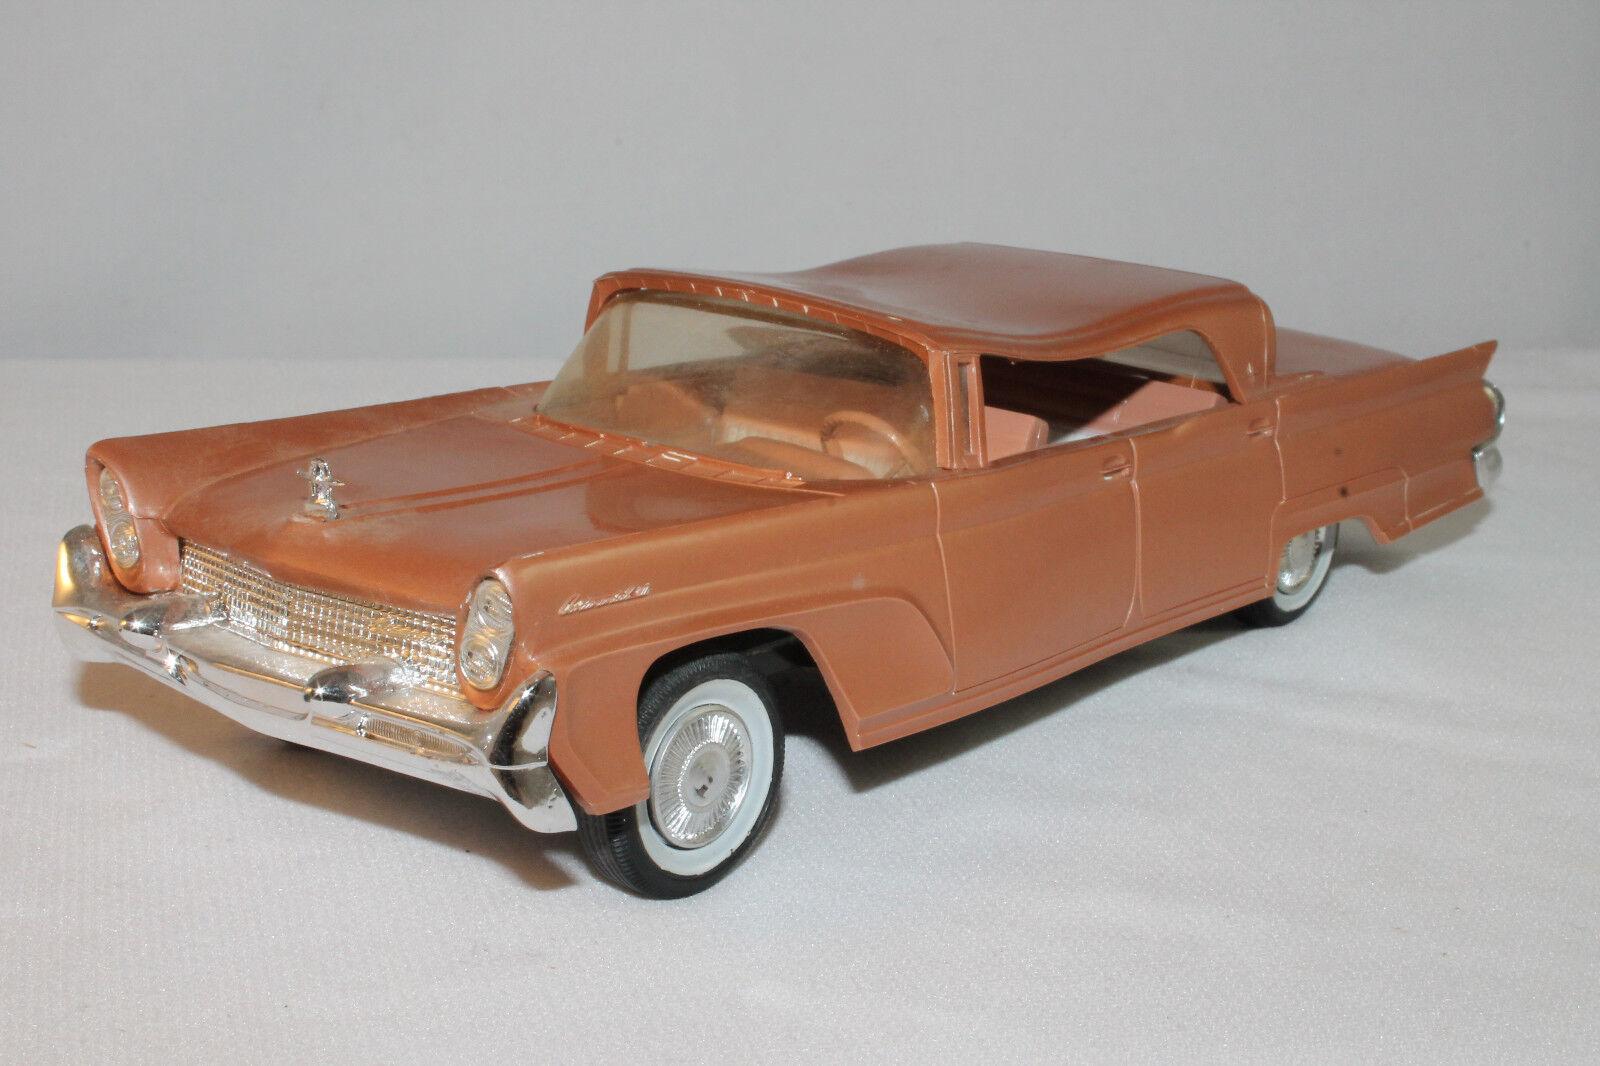 1958 Lincoln Continental 4Dr Sedan Promo Coche, Cobre